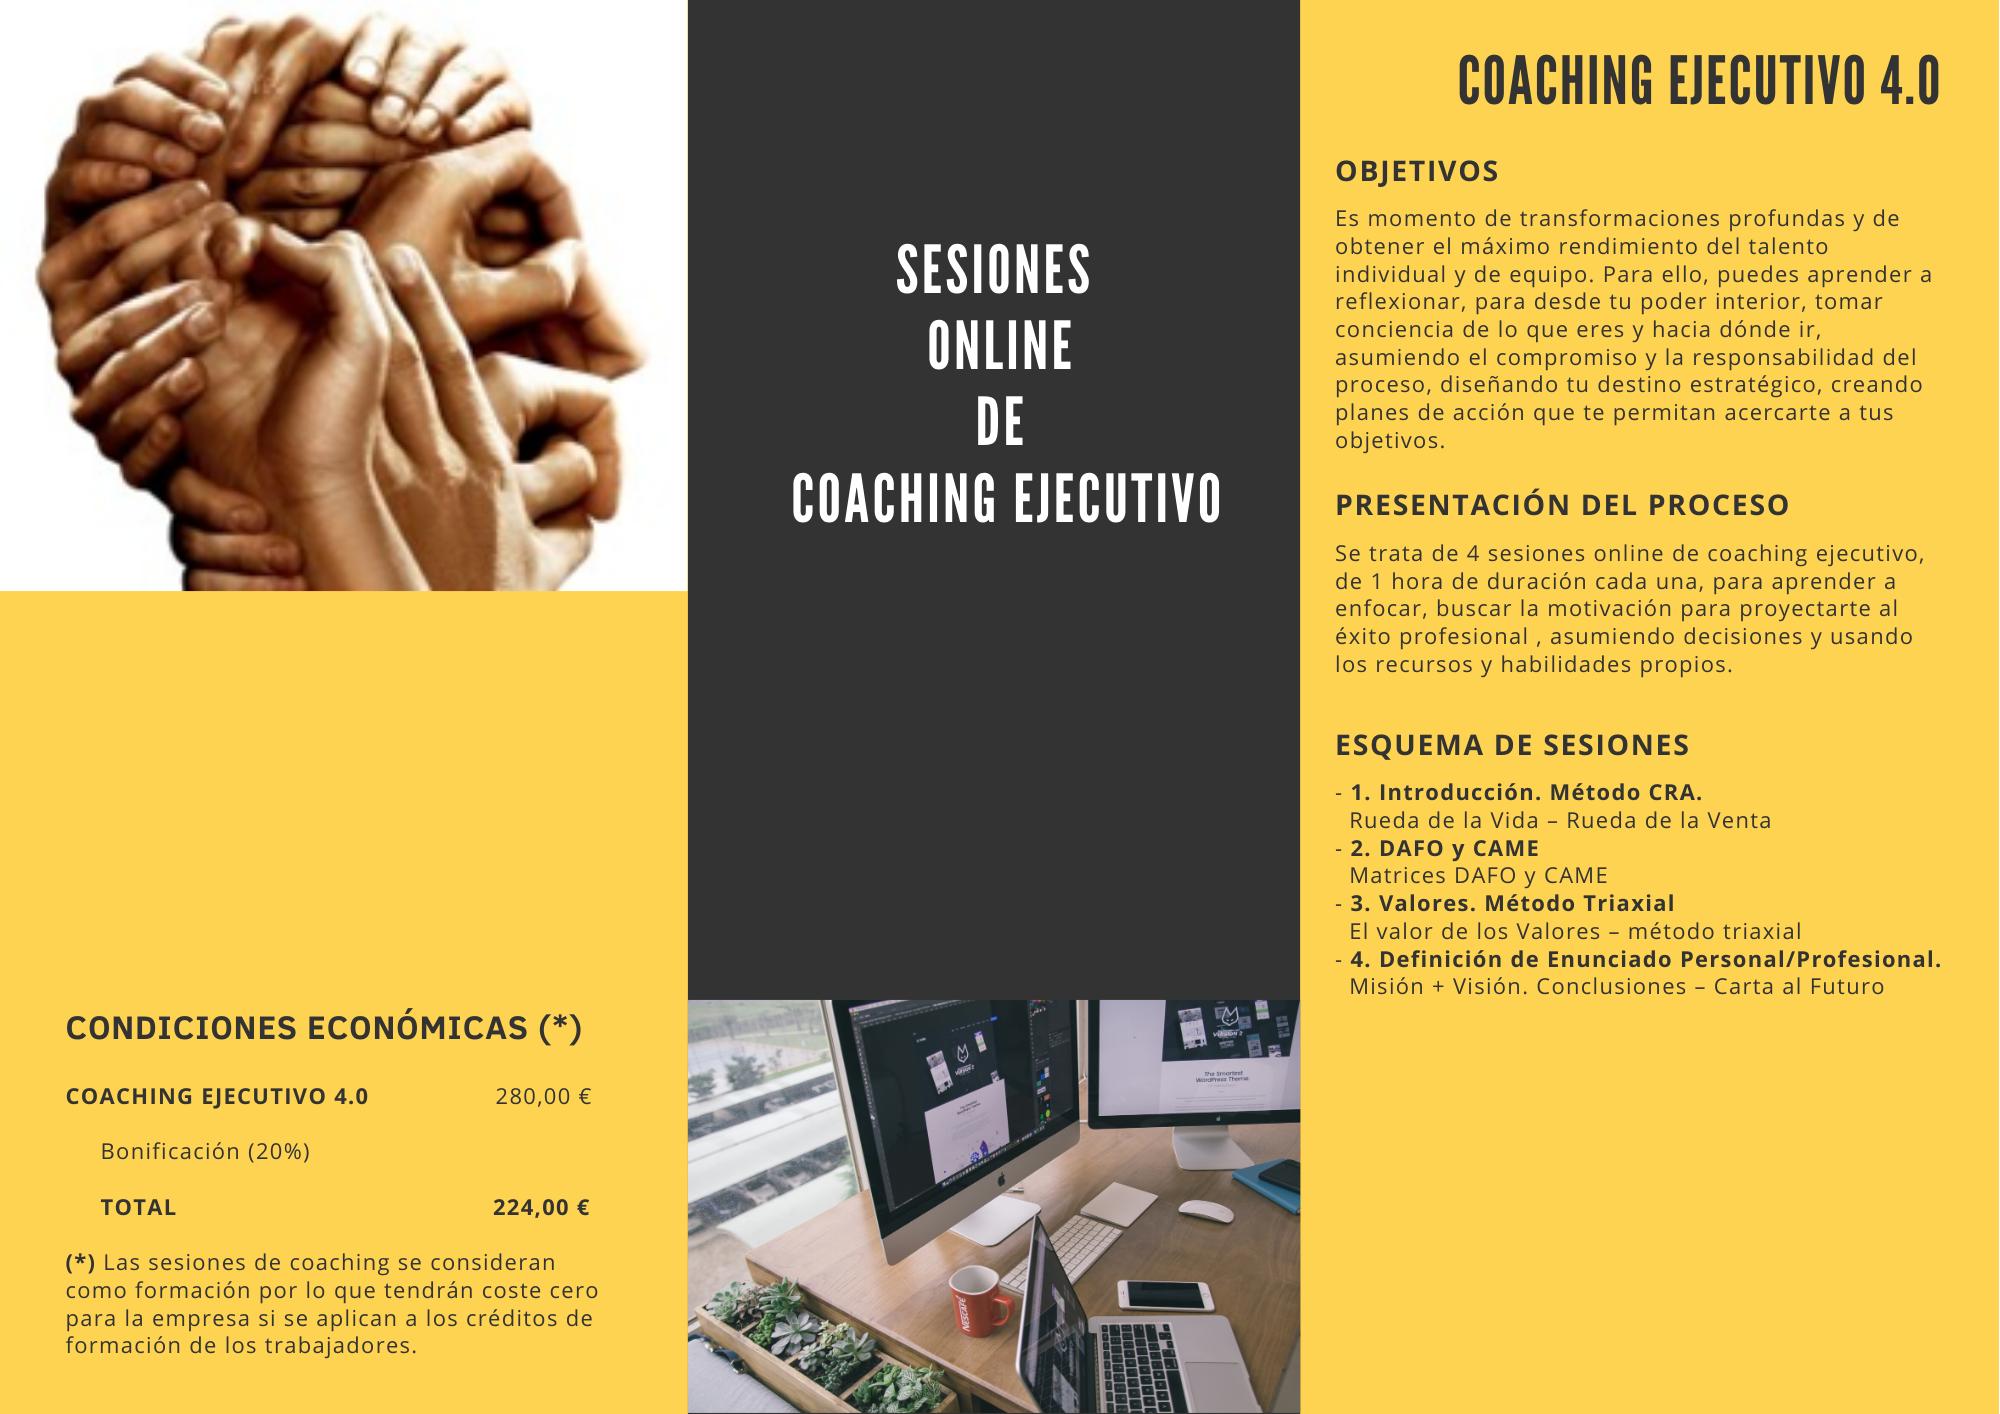 COACHING EJECUTIVO 4.0 2